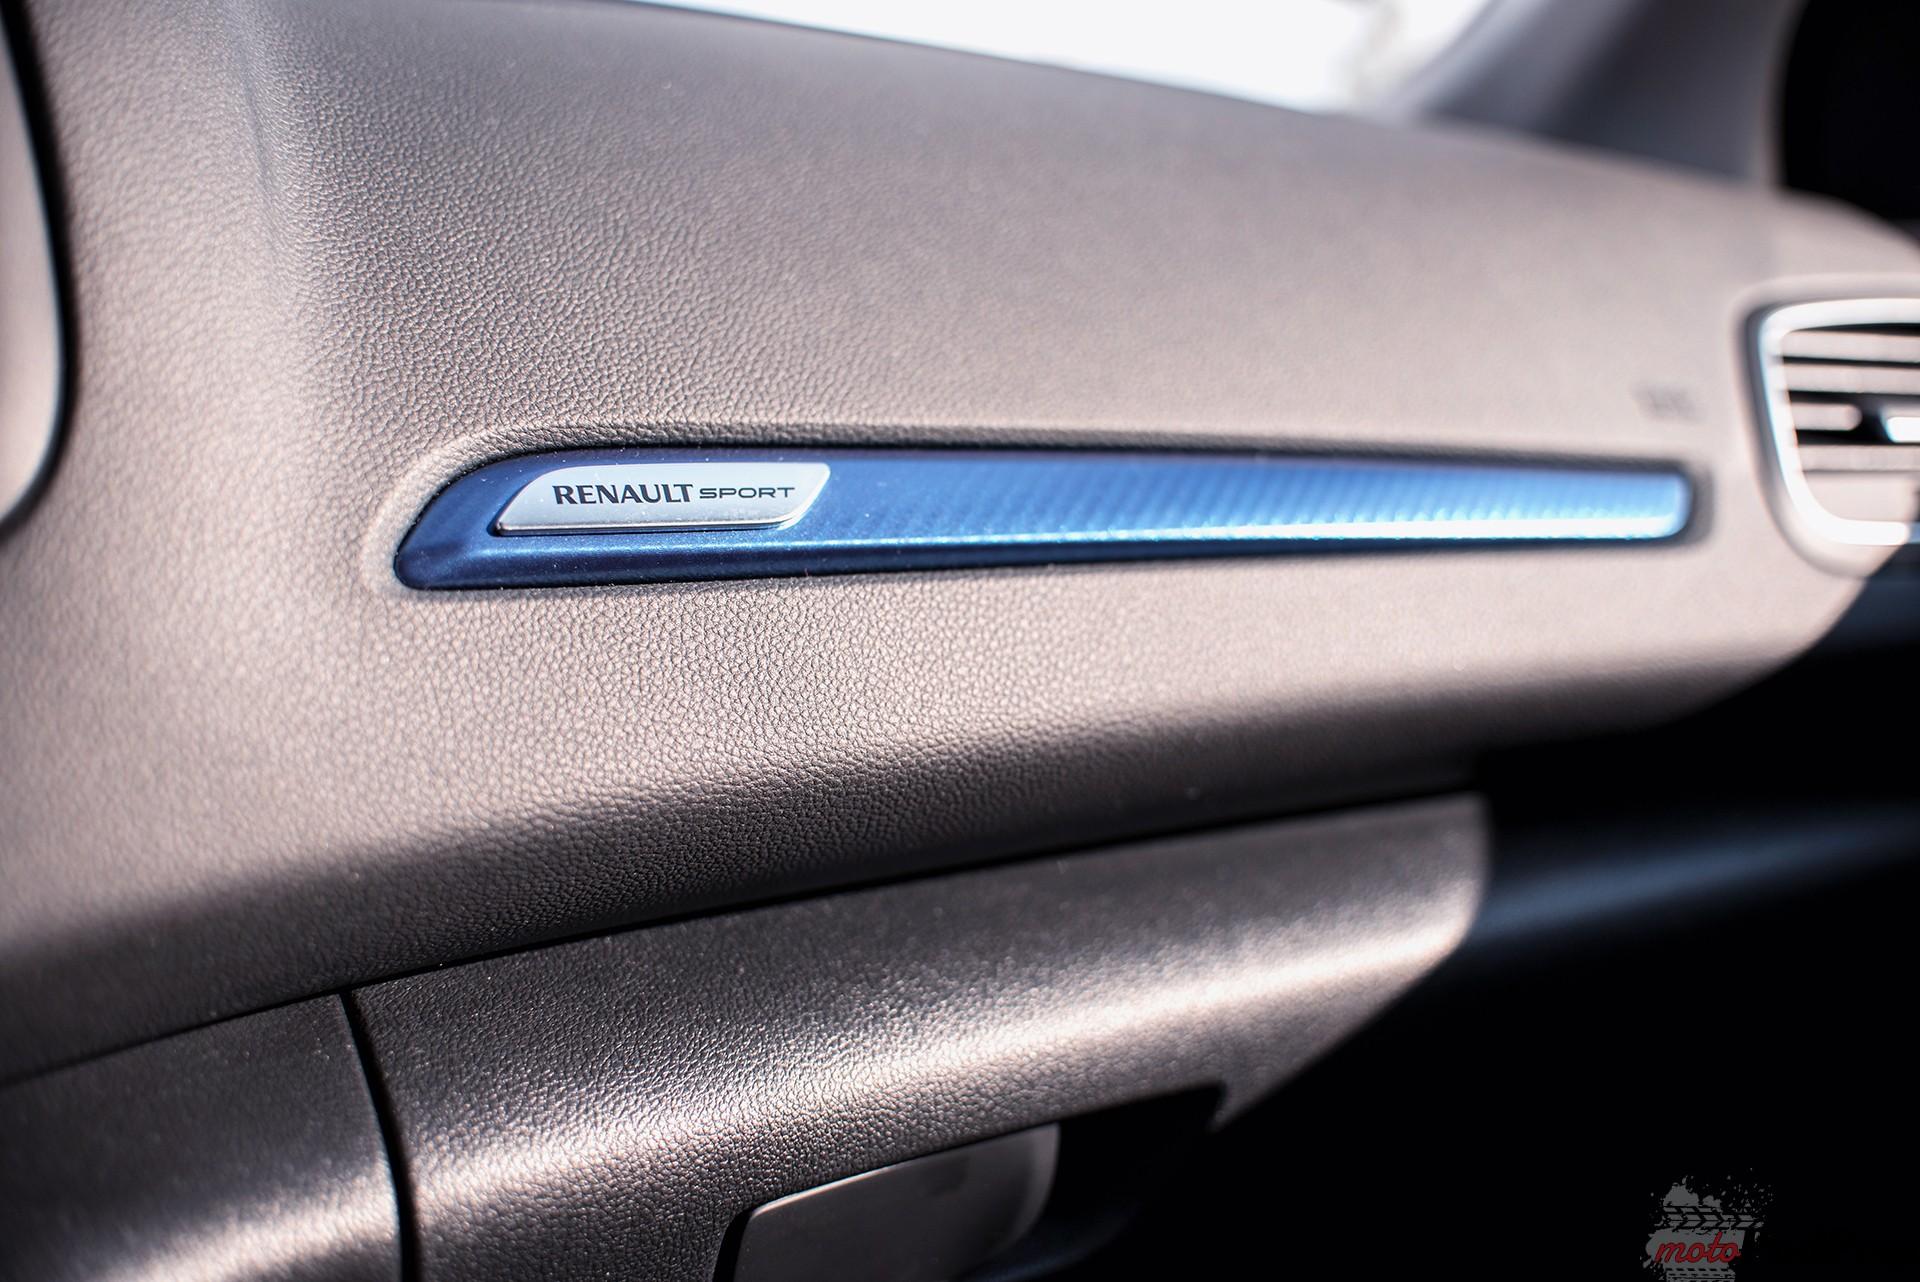 Renault Megane GT 29 Test: Renault Megane GT   cieplejszy kompakt